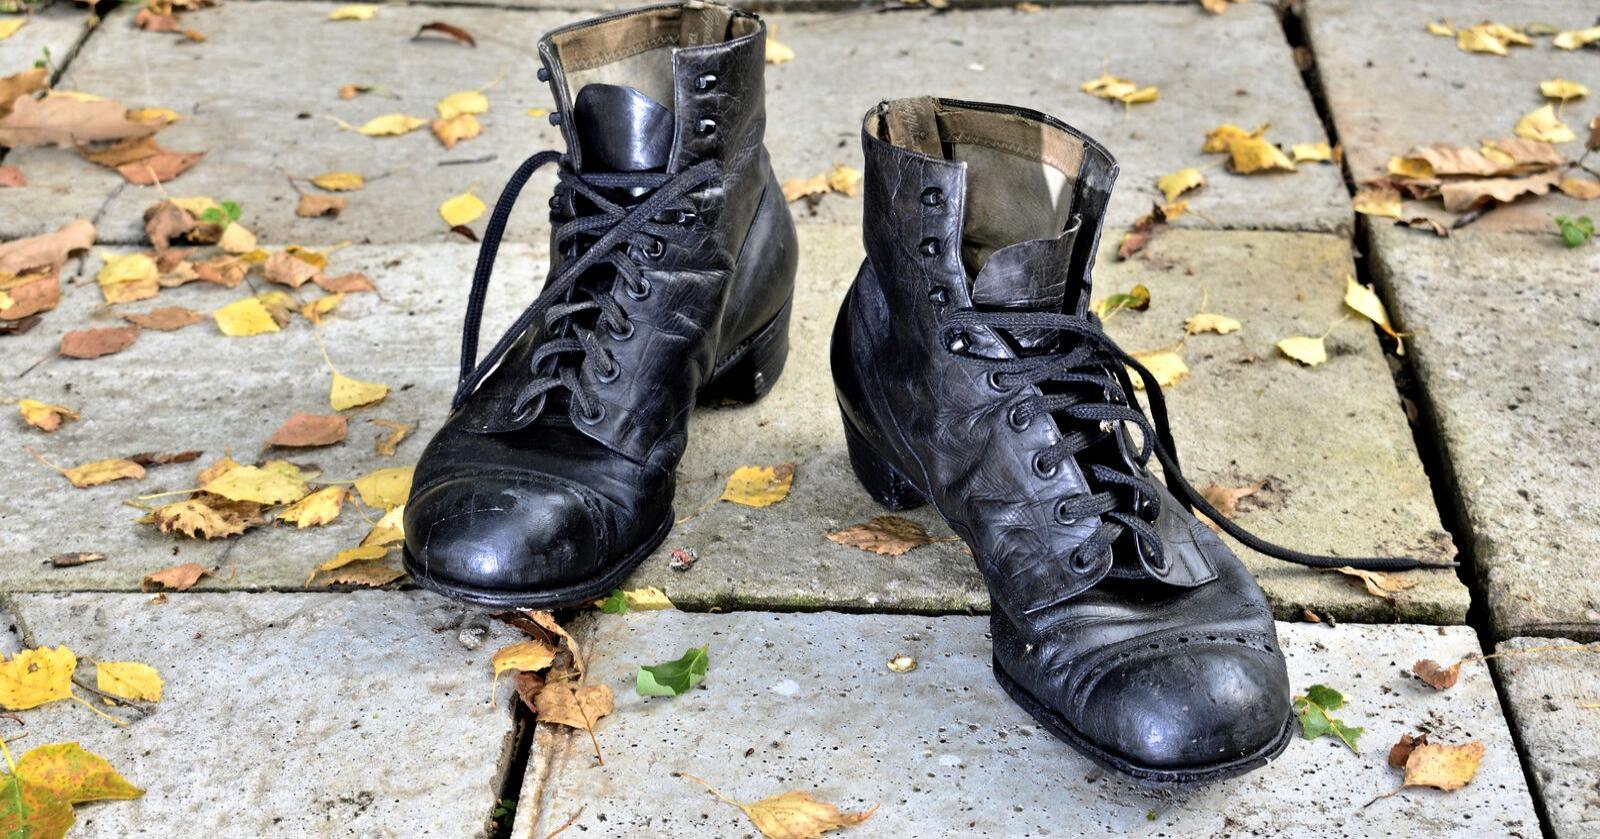 Sko og gjenoppbygging: Vi kan bestille kurs i kasting, eller gå til en skomaker som fortsatt kan håndverket. Foto: Edward Kirillov / Mostphotos